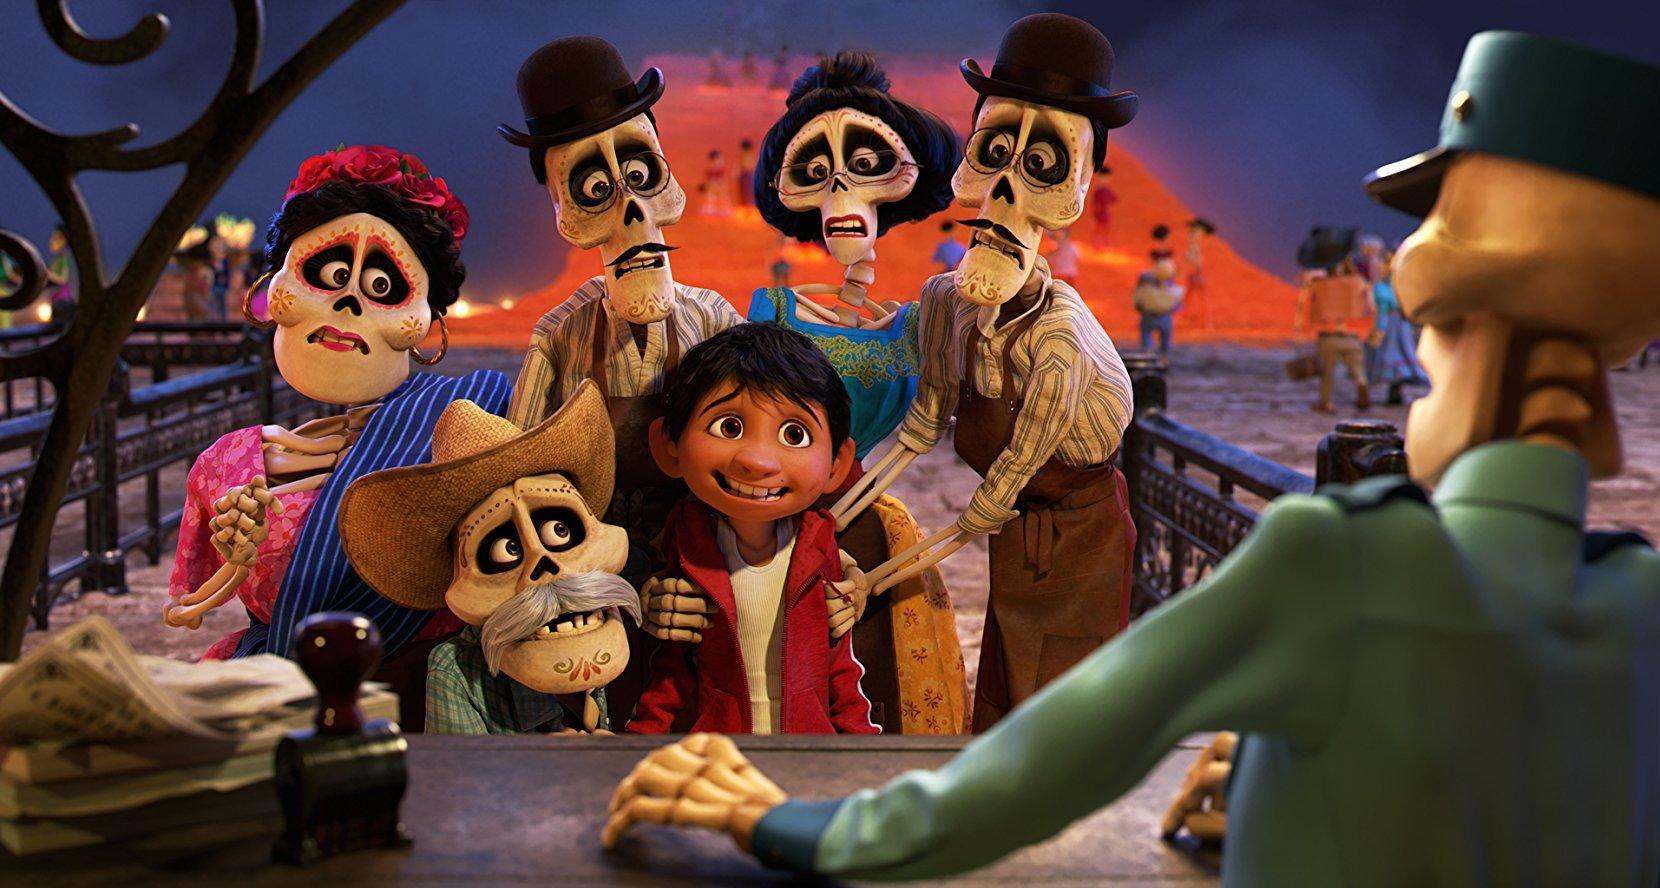 La película Coco de Disney Pixar se puede ver también en español. Foto Pixar.